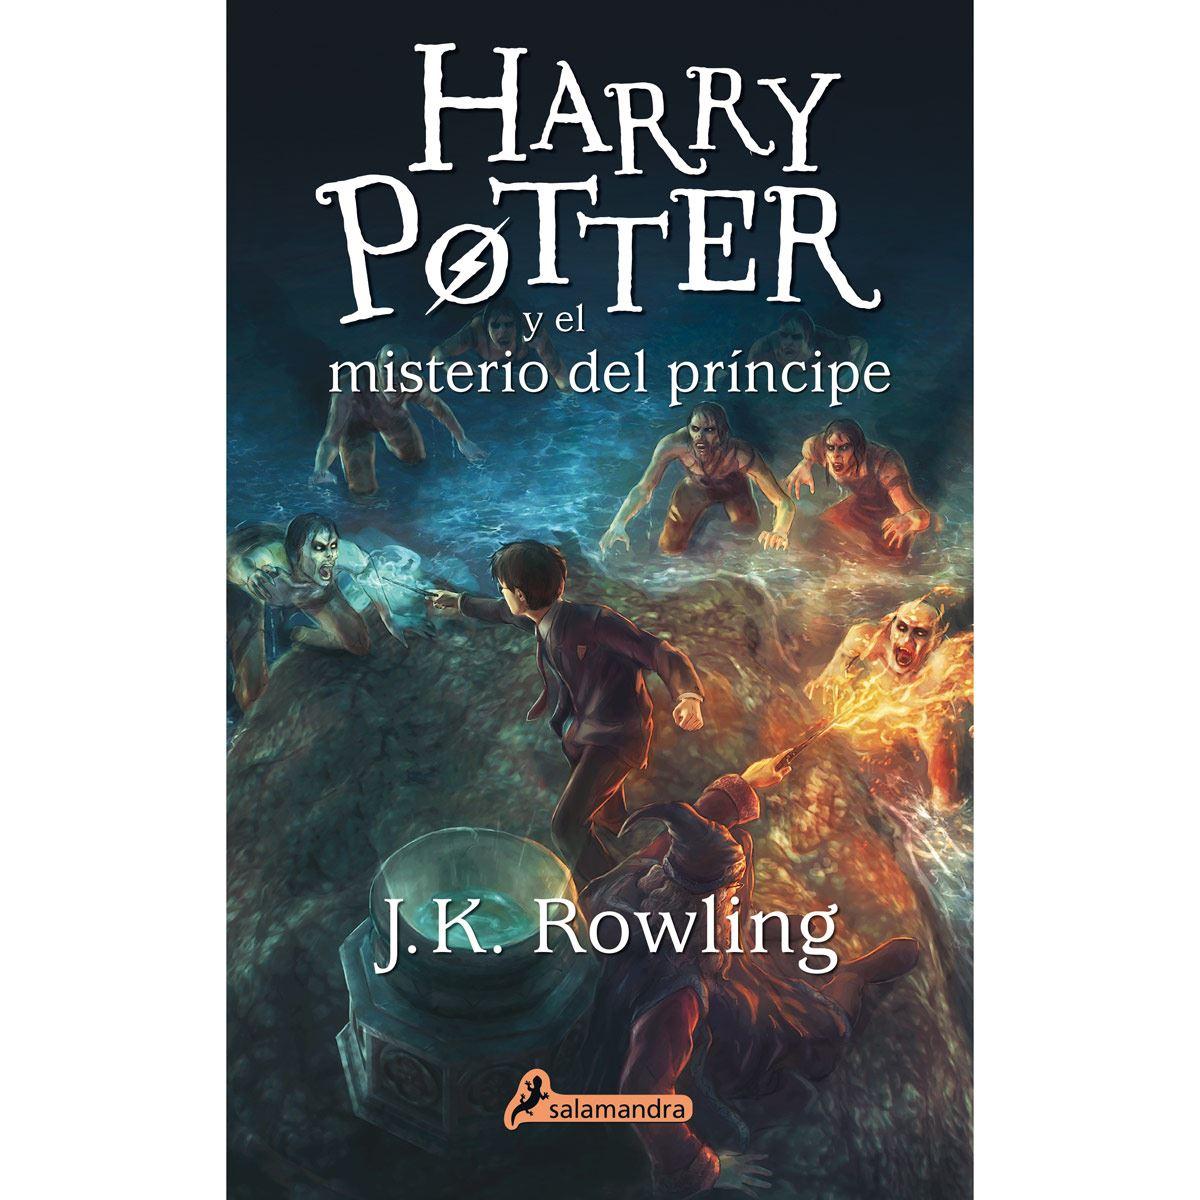 Harry Potter y el misterio del príncipe. Tomo 6